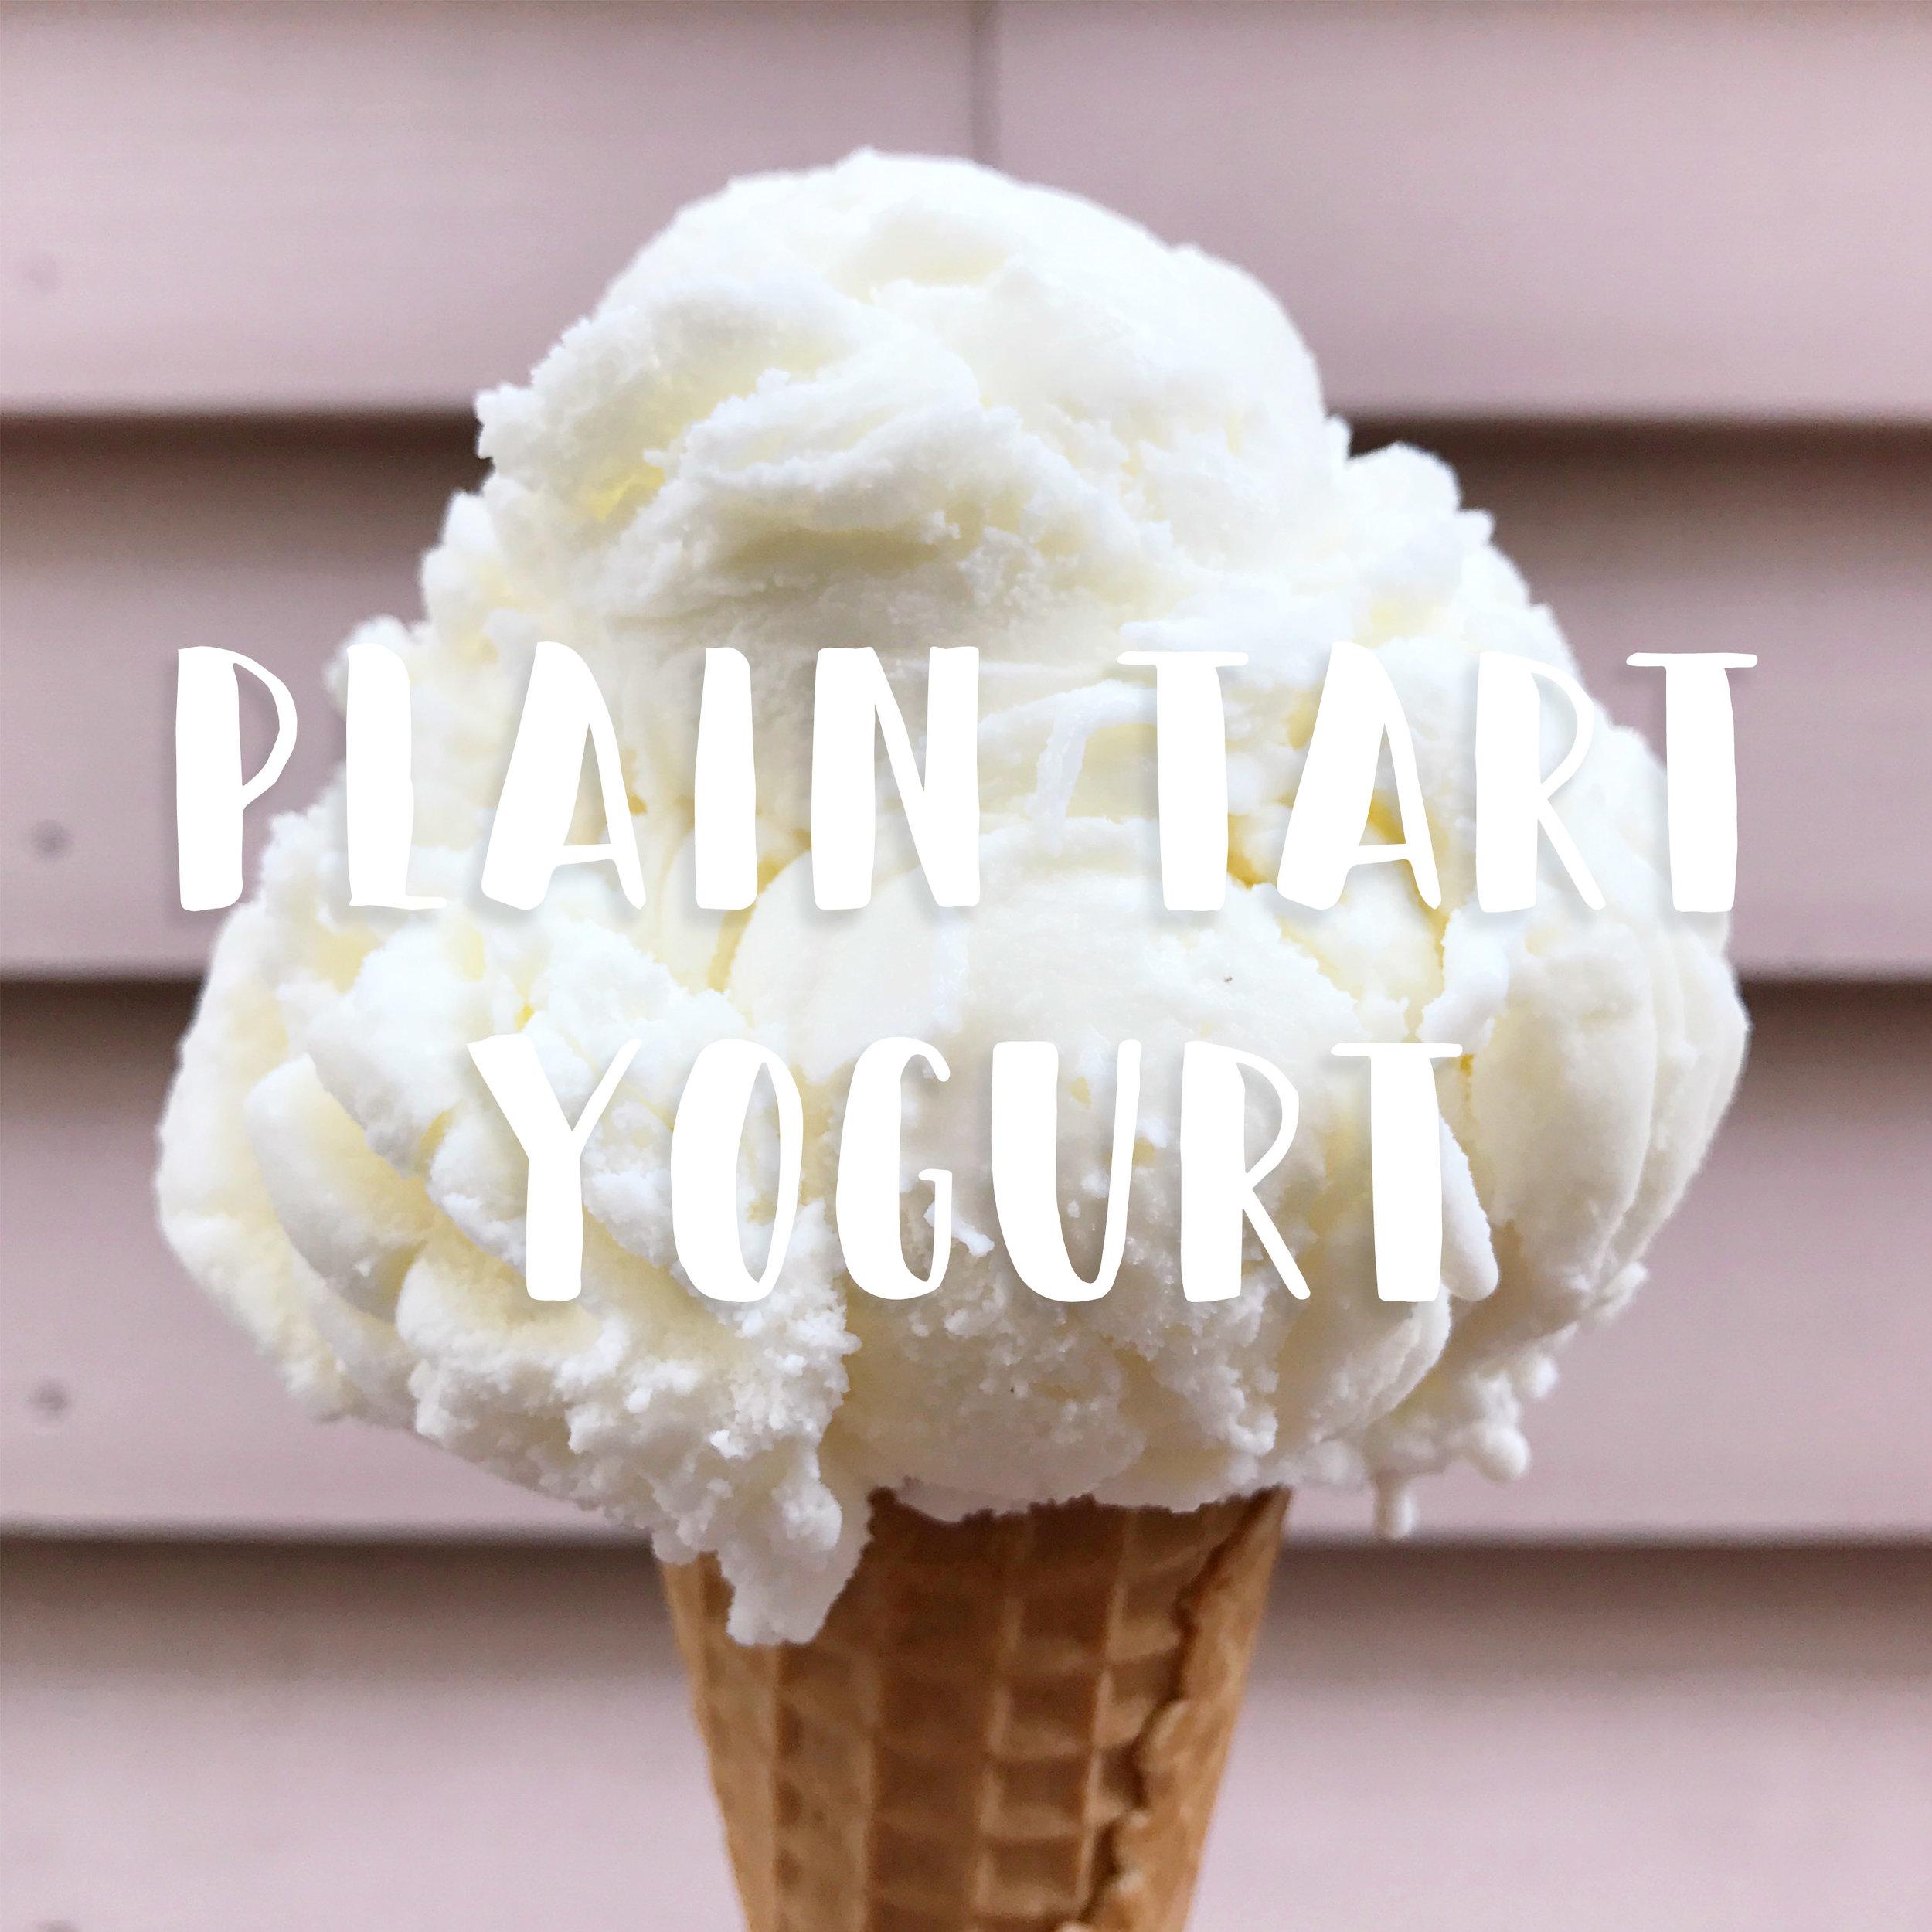 Plain Tart Yogurt.jpg